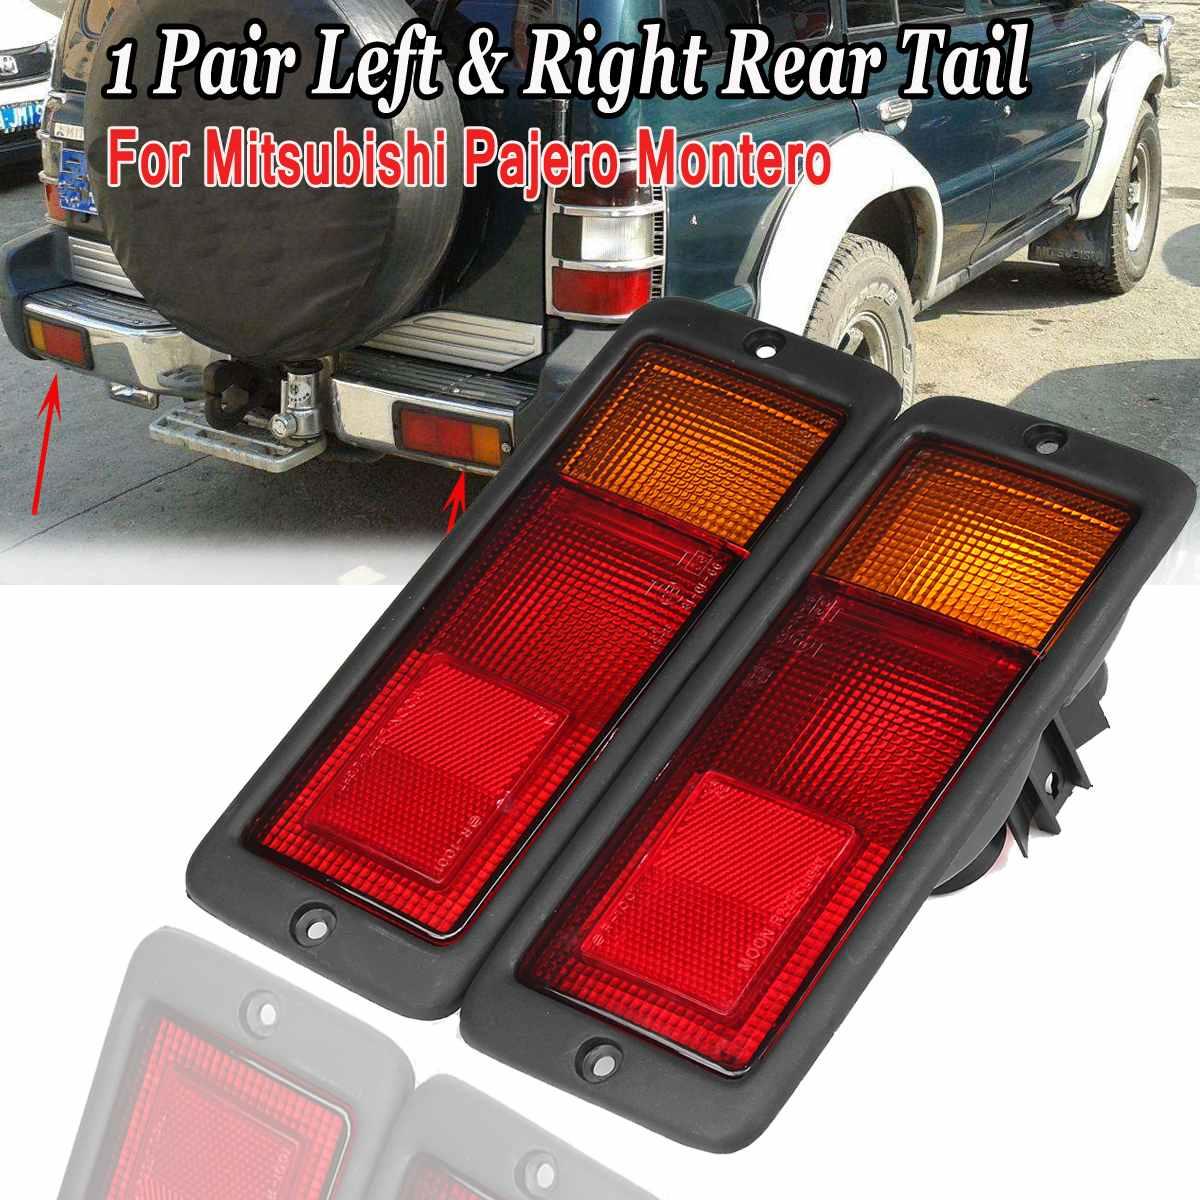 2 lâmpadas de luz traseira de carro, lâmpadas de halogênio mb124963 mb124964 › 2141946ouou-para mitsubishi pajero montero 2010-2019